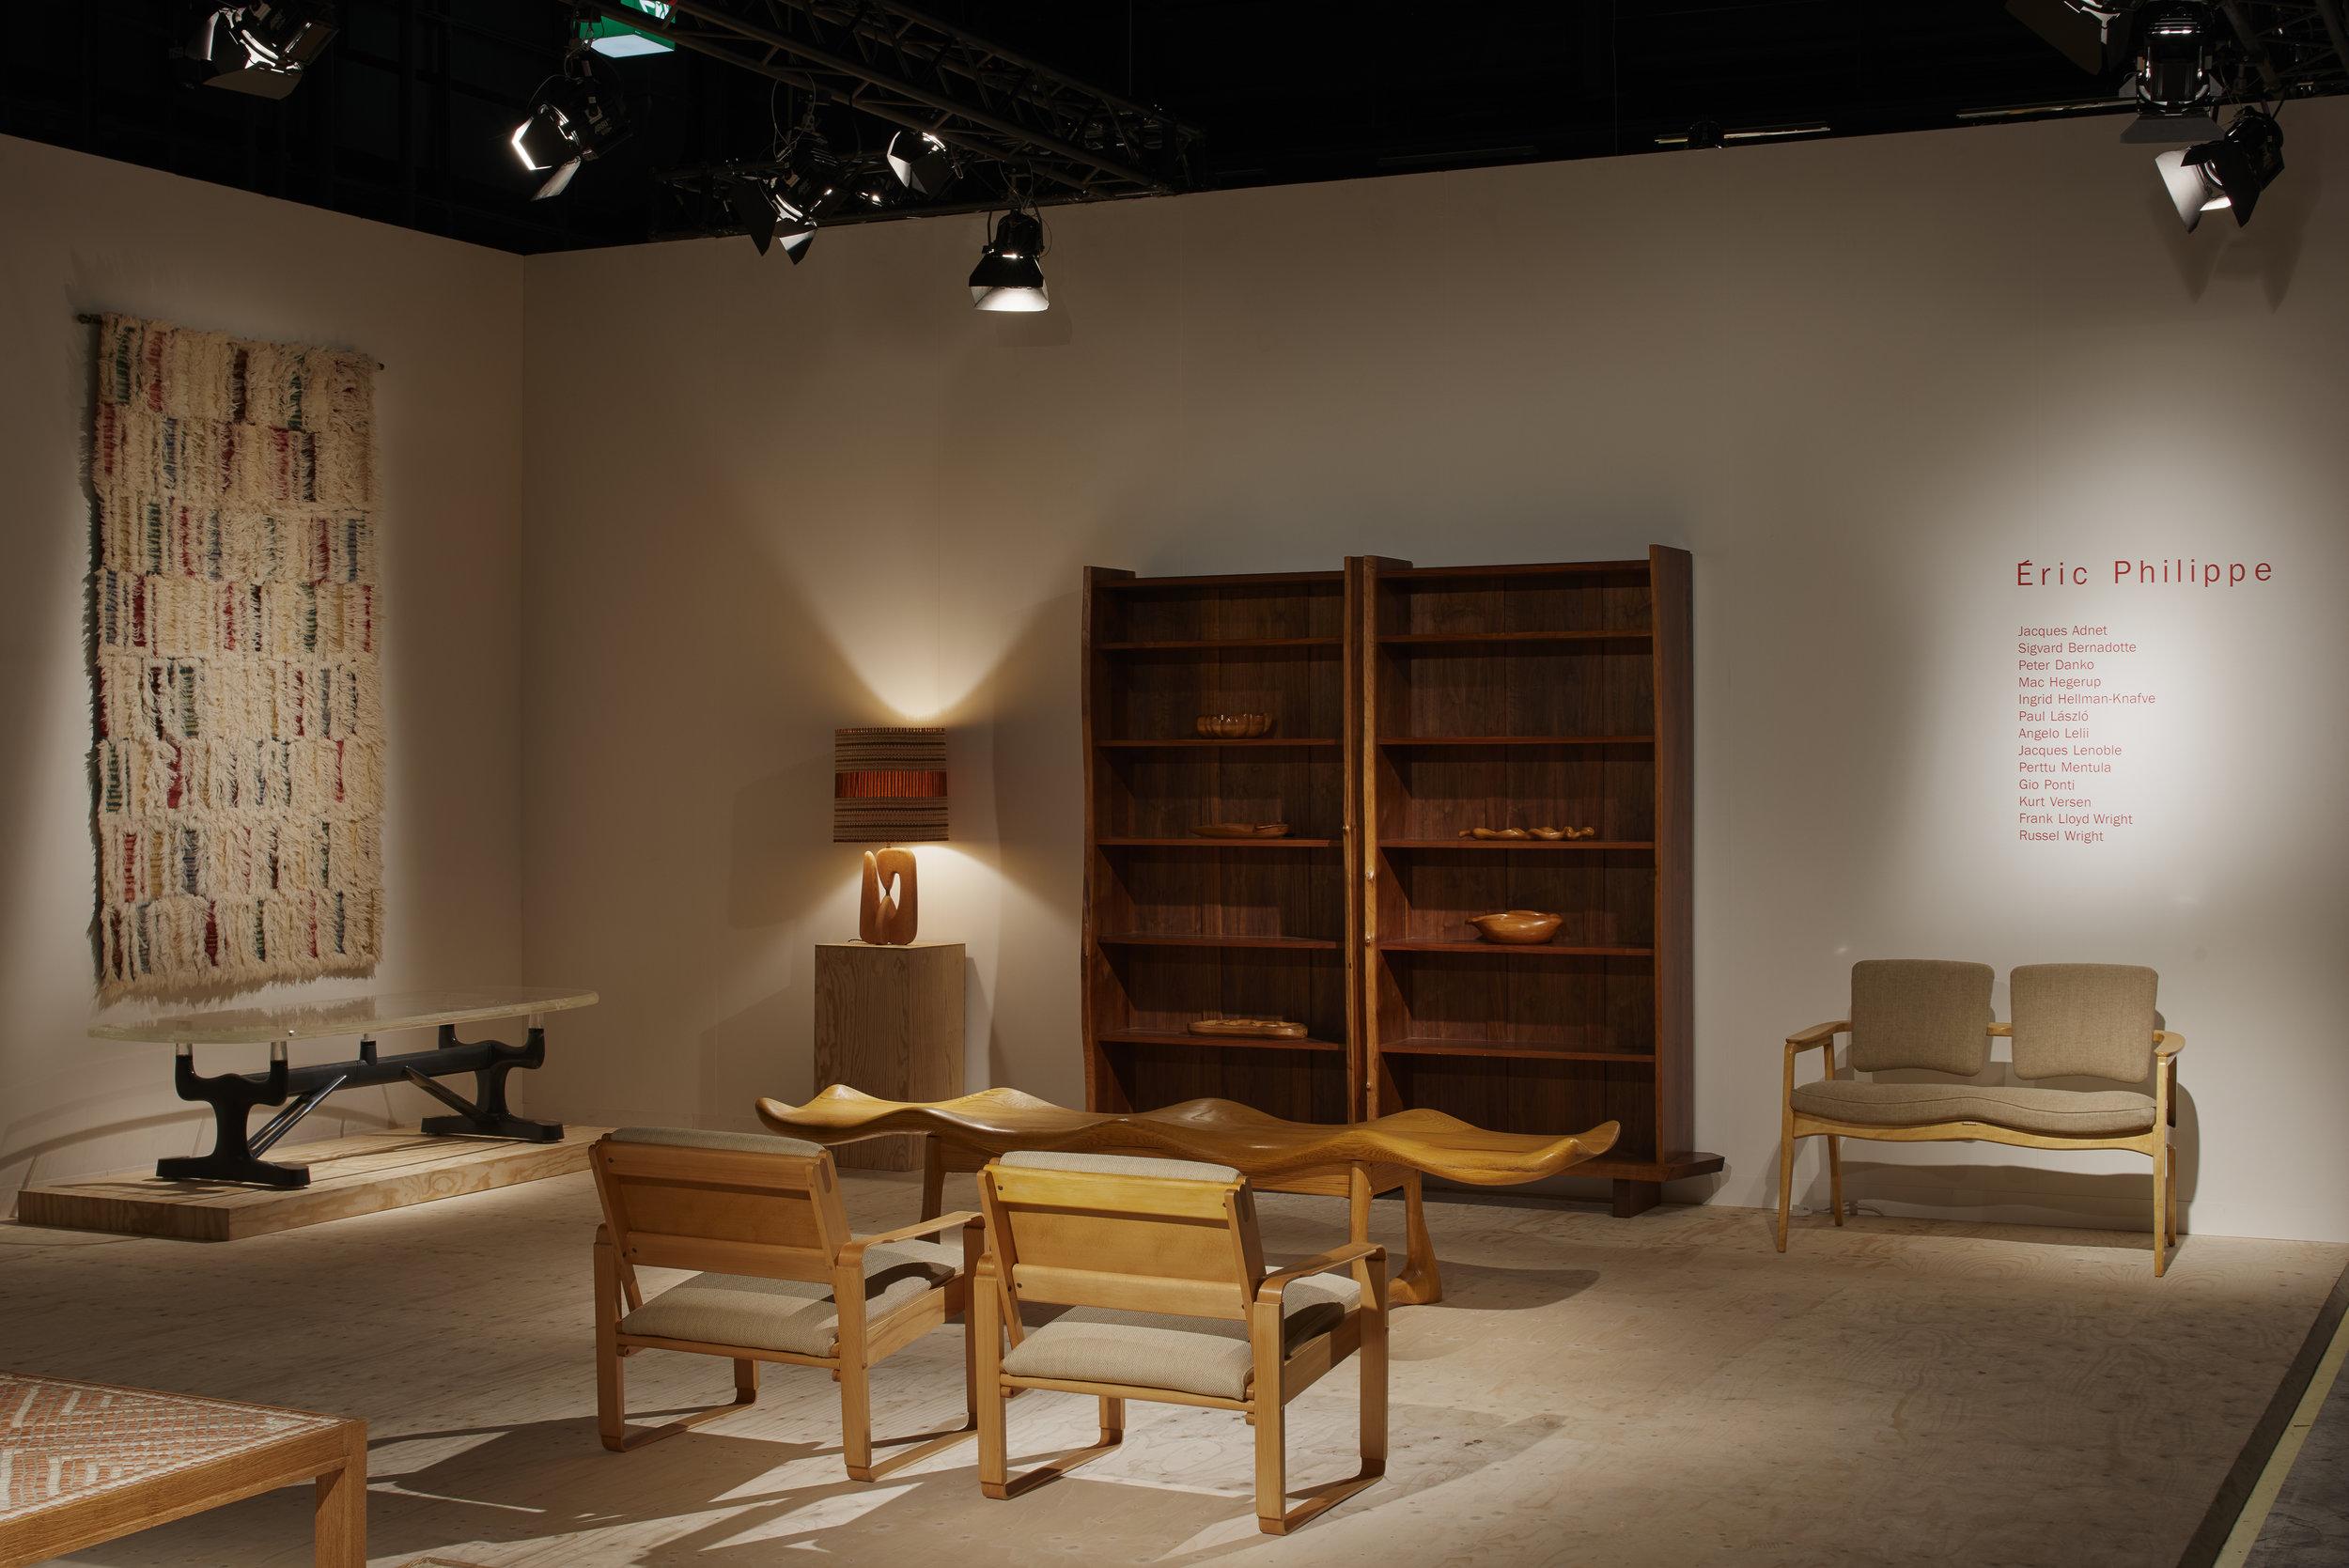 Galerie Eric Philippe - Design Miami/ Basel ⓒ  James Harris